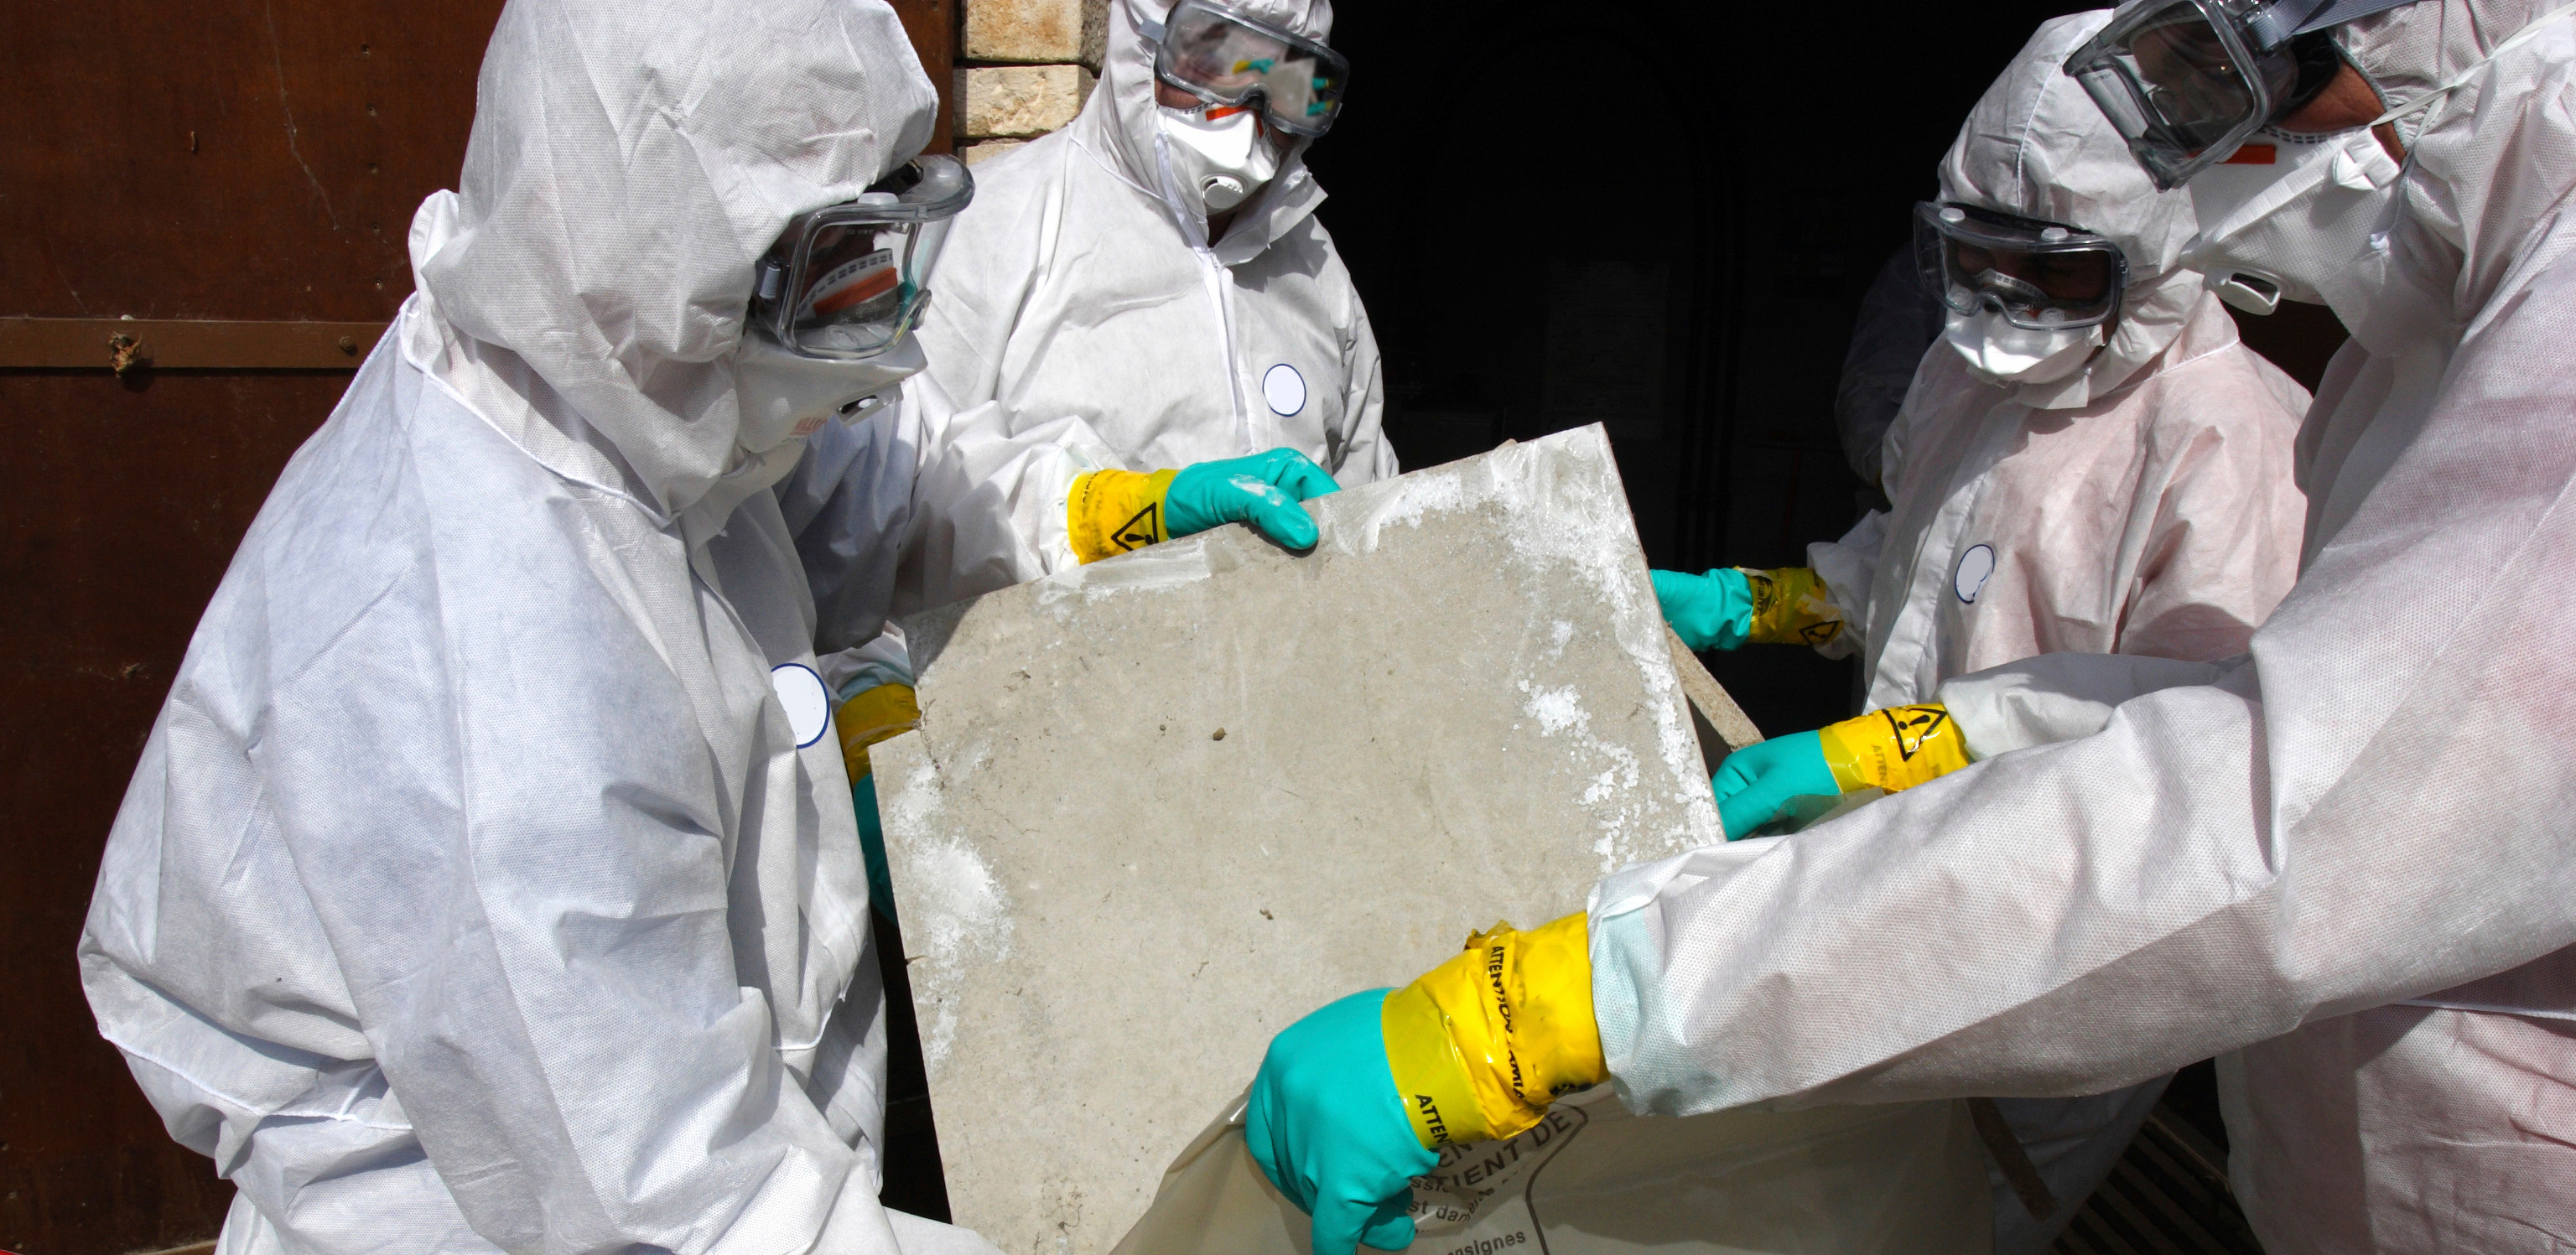 Um im mit Asbest, PCB, PAK oder Holzschutzmittel (PCP, Lindan) kontaminierten Bereichen Arbeiten auszufühen, das gilt auch bei Gebäudechecks auf Schadstoffe (Asbest, PCB, PAK, Holzschutzmittel), ist eine angemessene persönliche Schutzausrüstung (PSA) unerlässlich